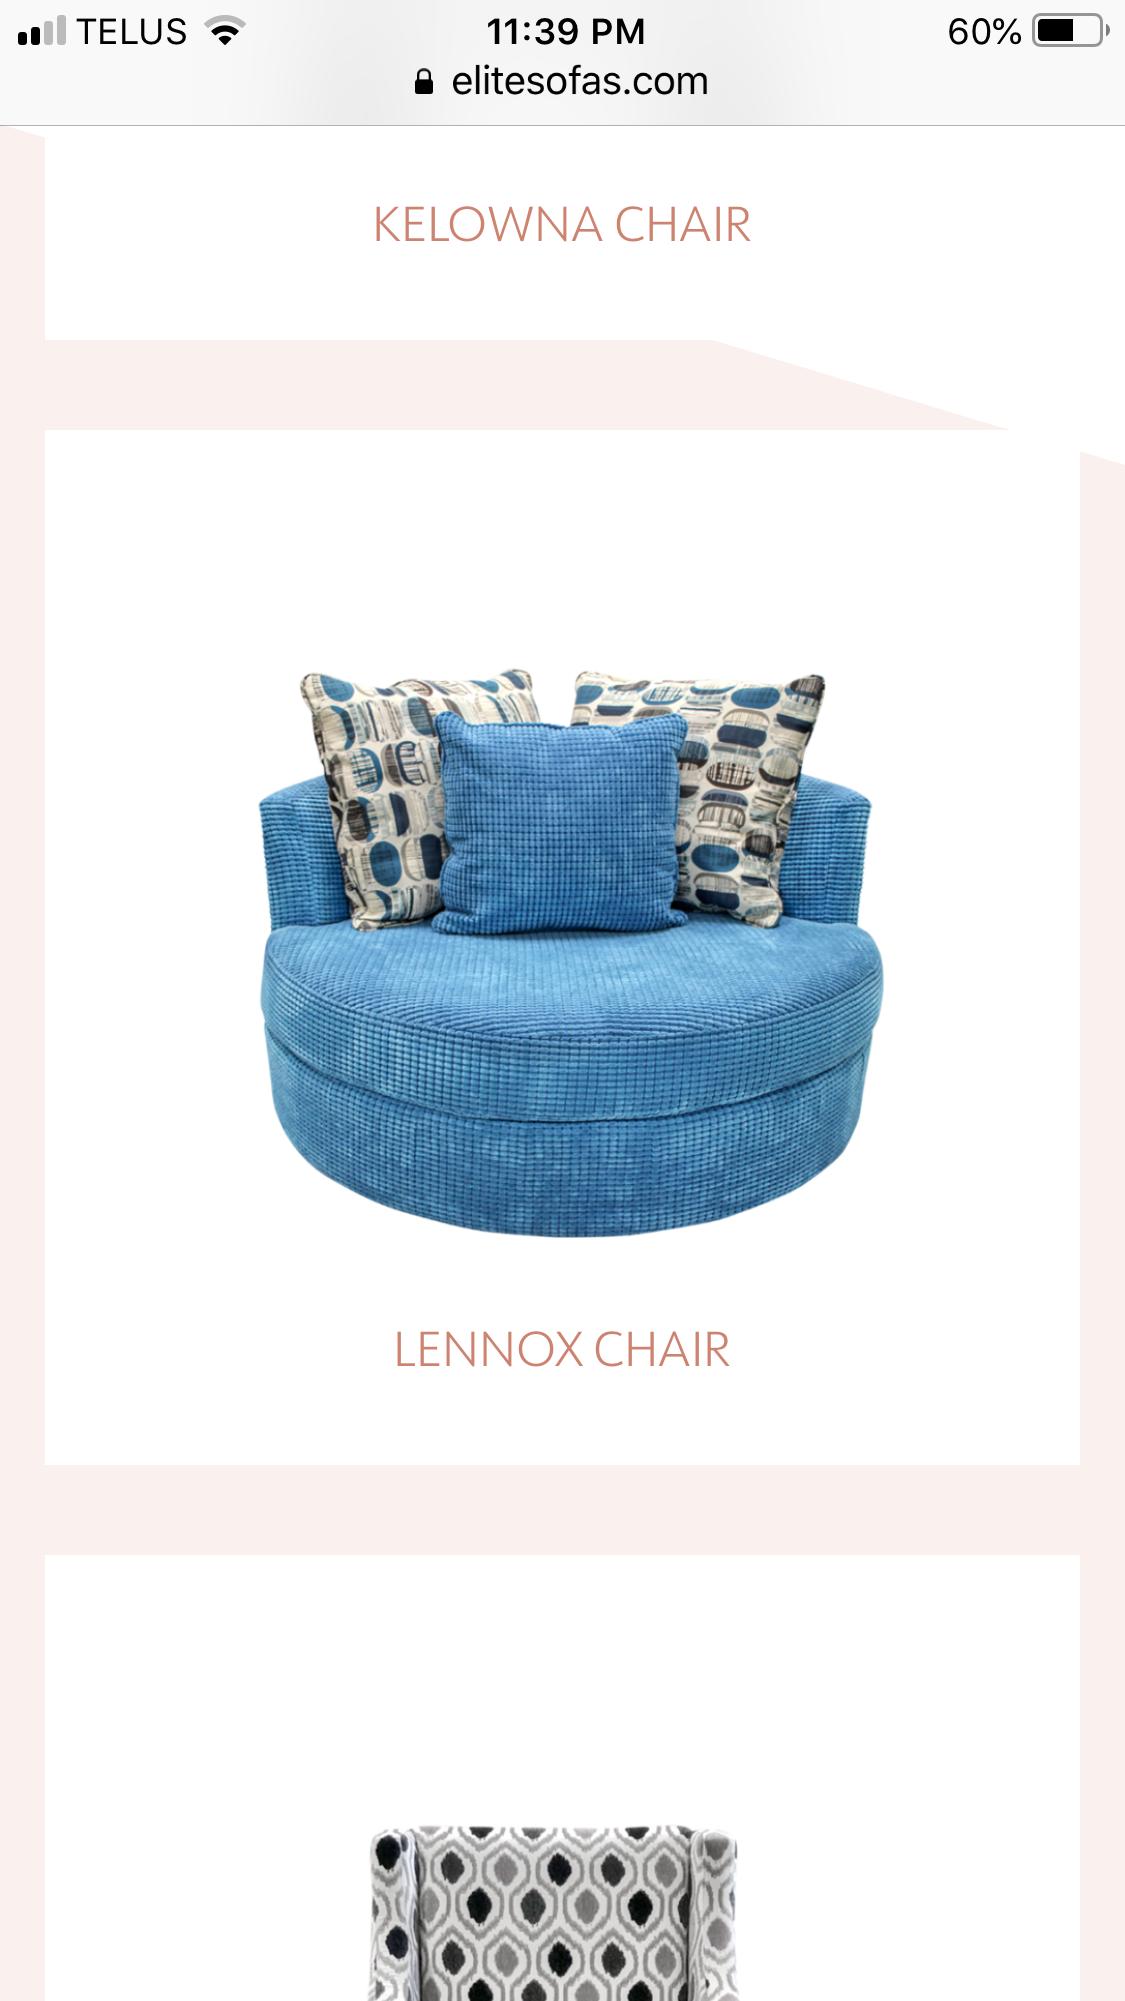 Pin By Bonnie On Furniture Bean Bag Chair Furniture Home Decor